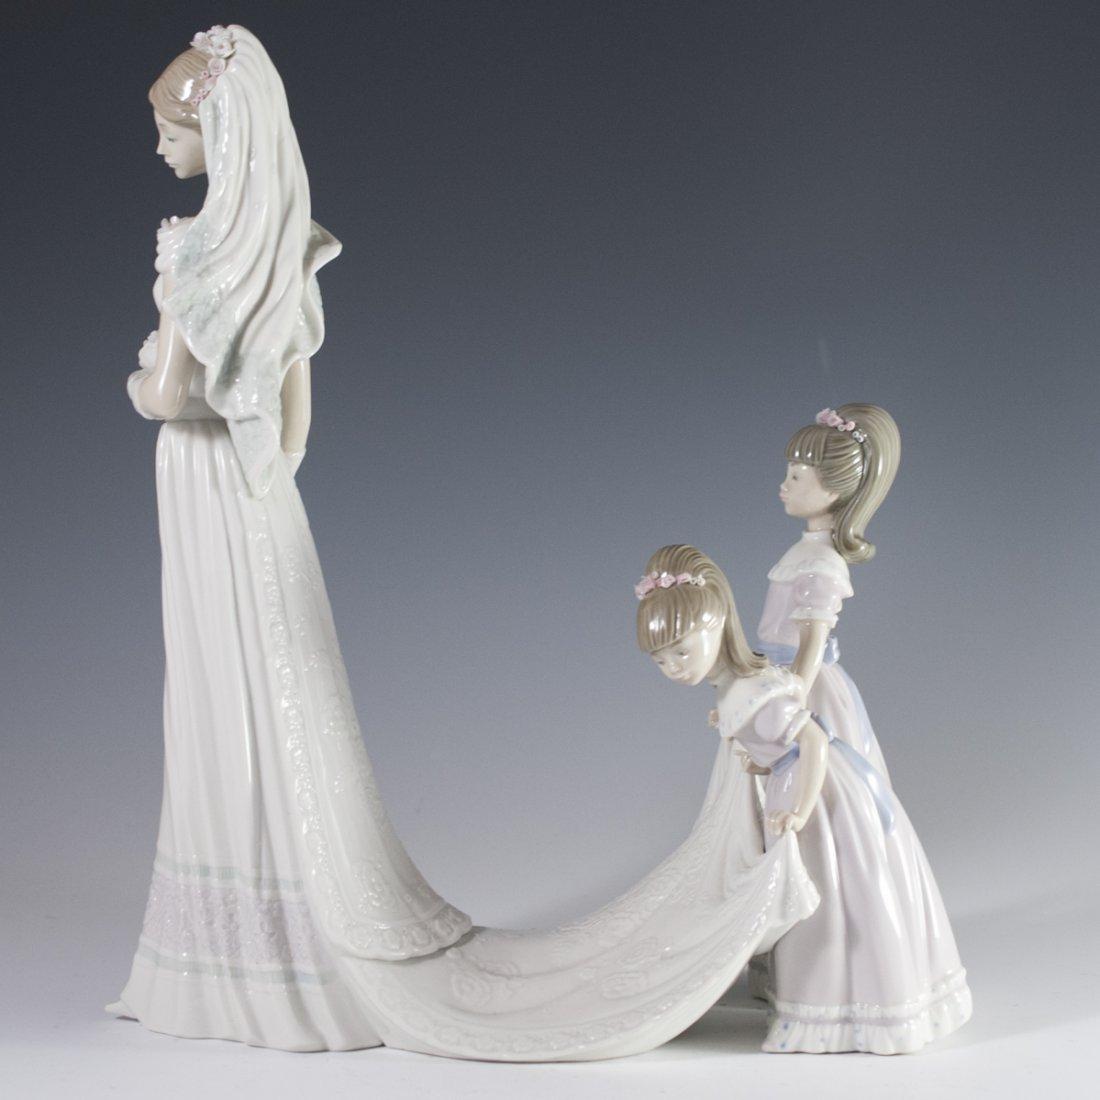 """Lladro """"Here Comes the Bride"""" Figurine - 5"""